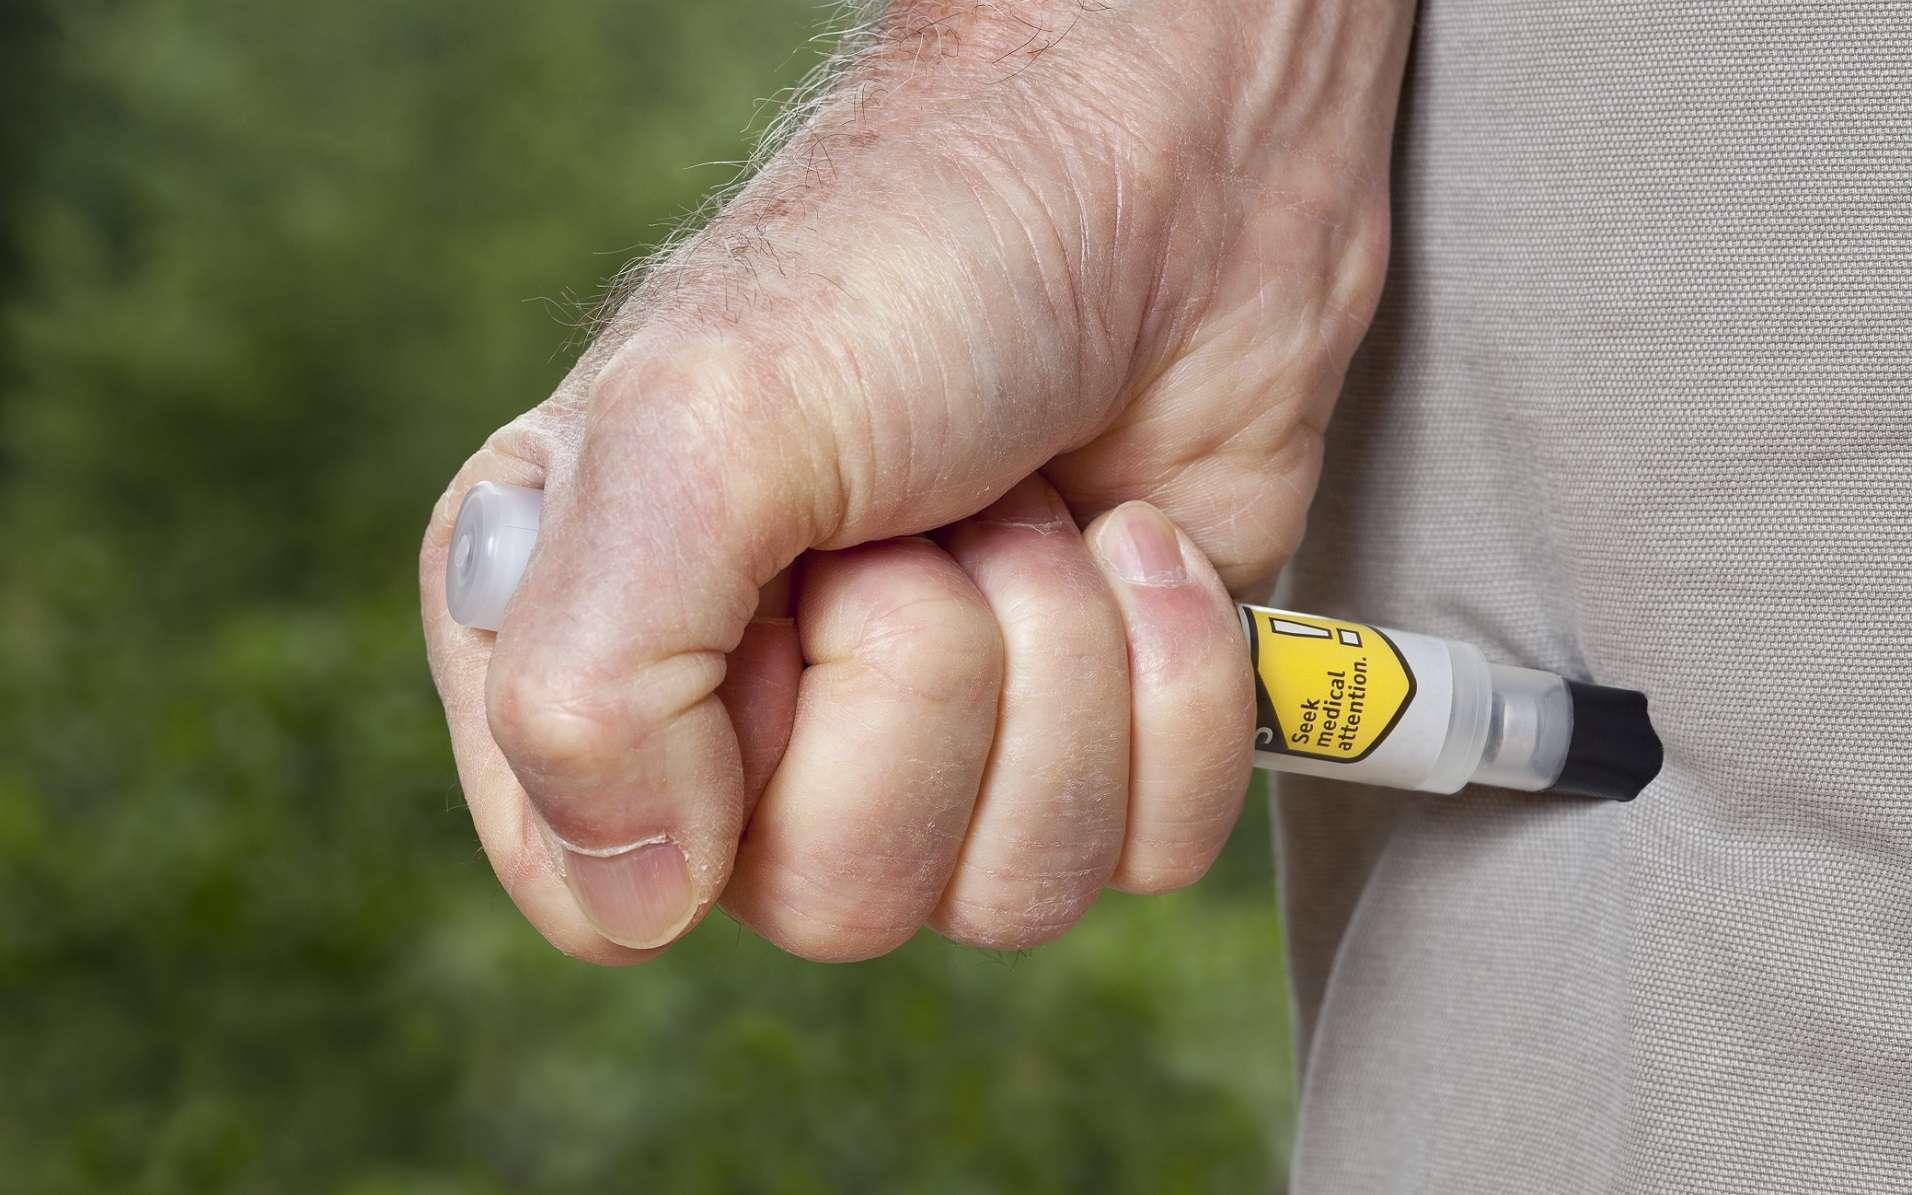 Pour traiter en urgence le choc anaphylactique : le stylo injecteur d'adrénaline. © David Smart, Shutterstock